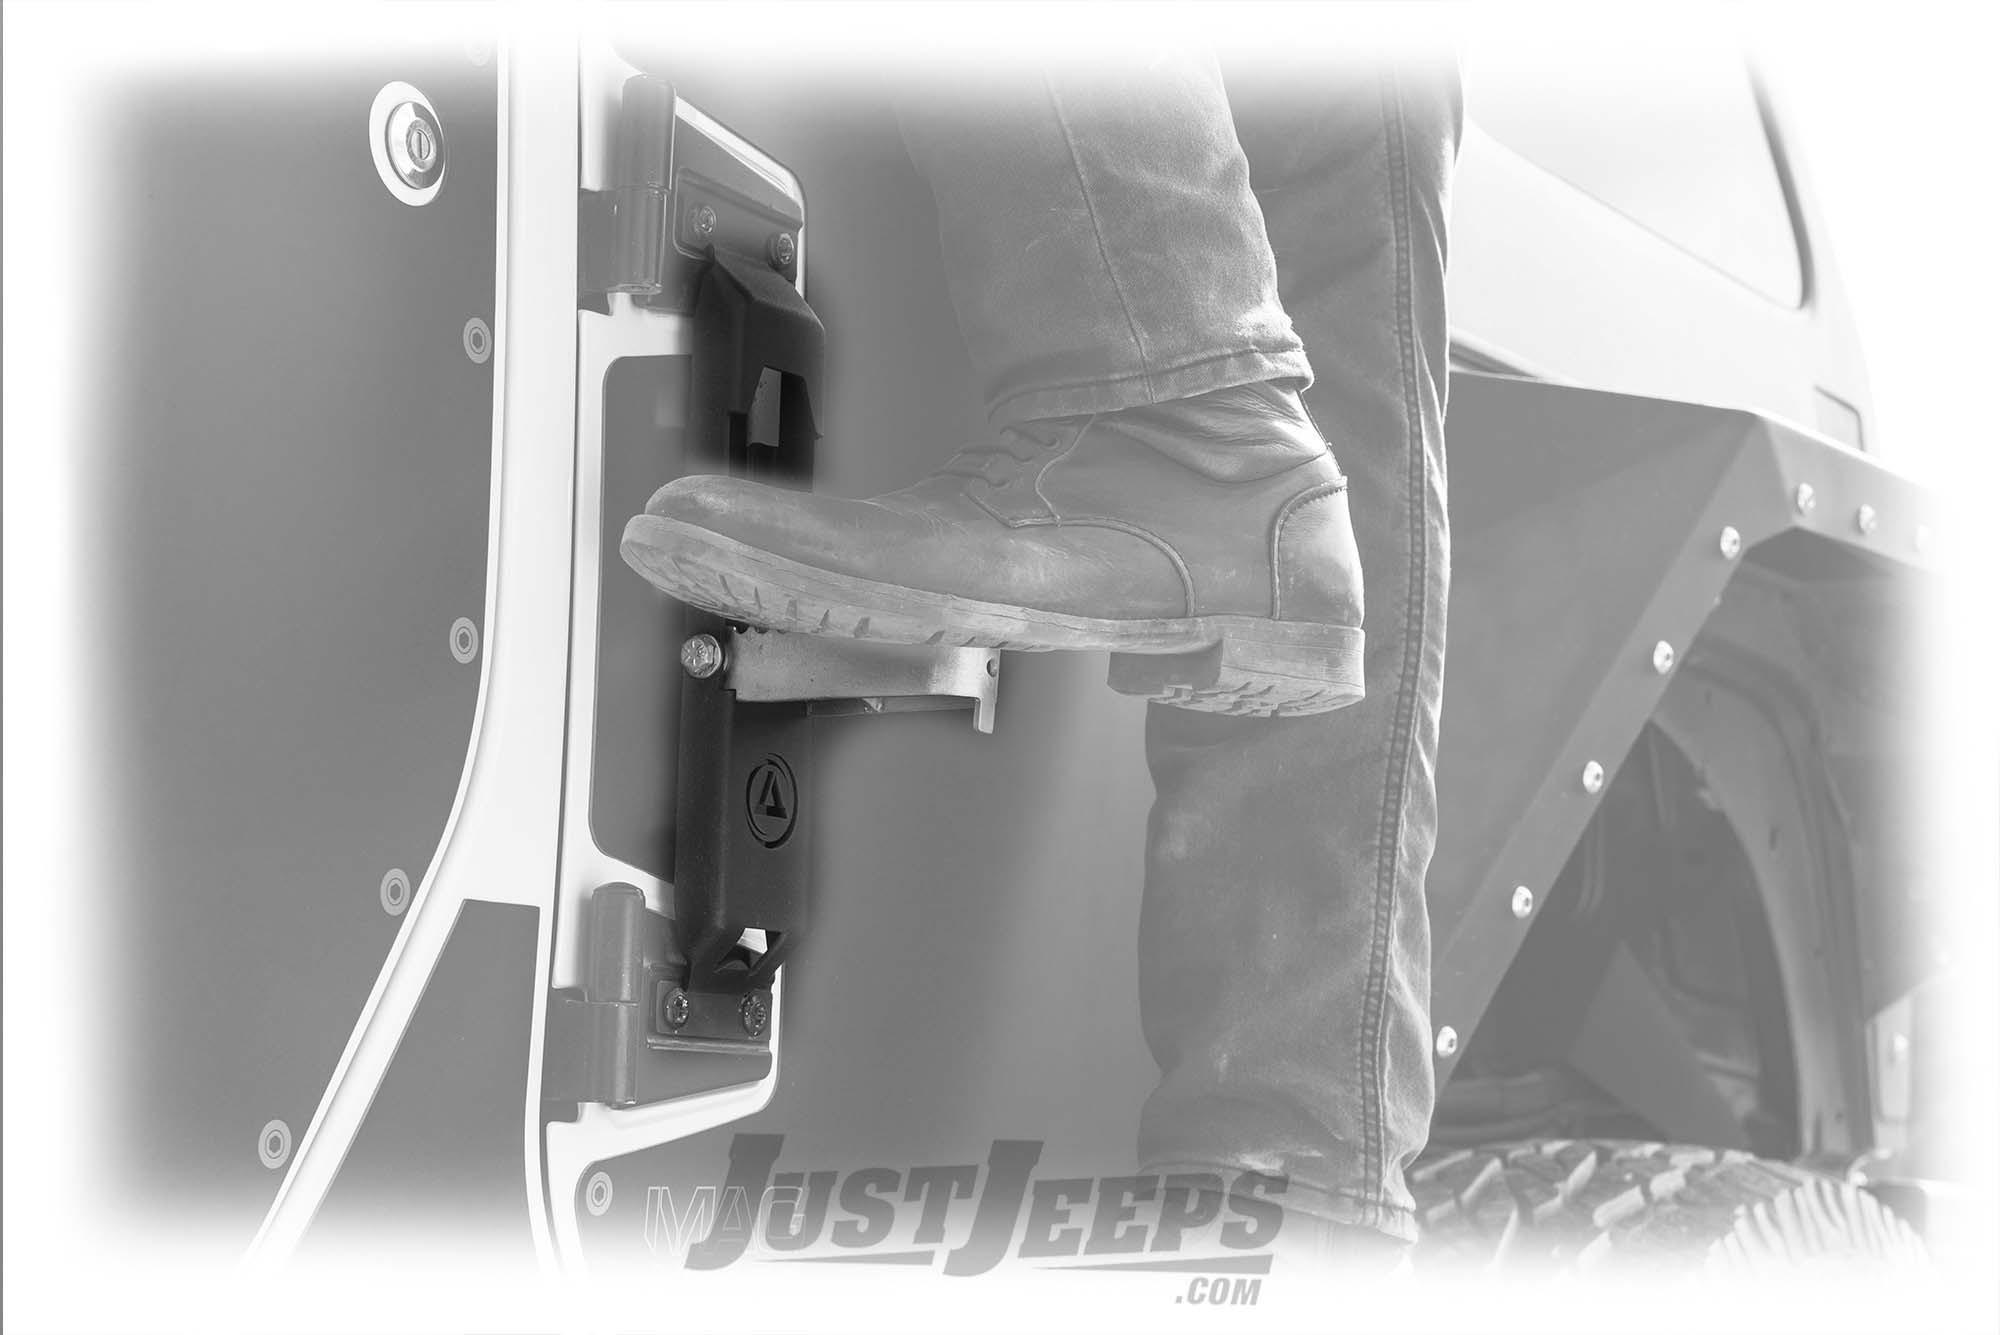 Smittybilt Atlas Door Step For 2007-18 Jeep Wrangler JK 2 Door & Unlimited 4 Door Models